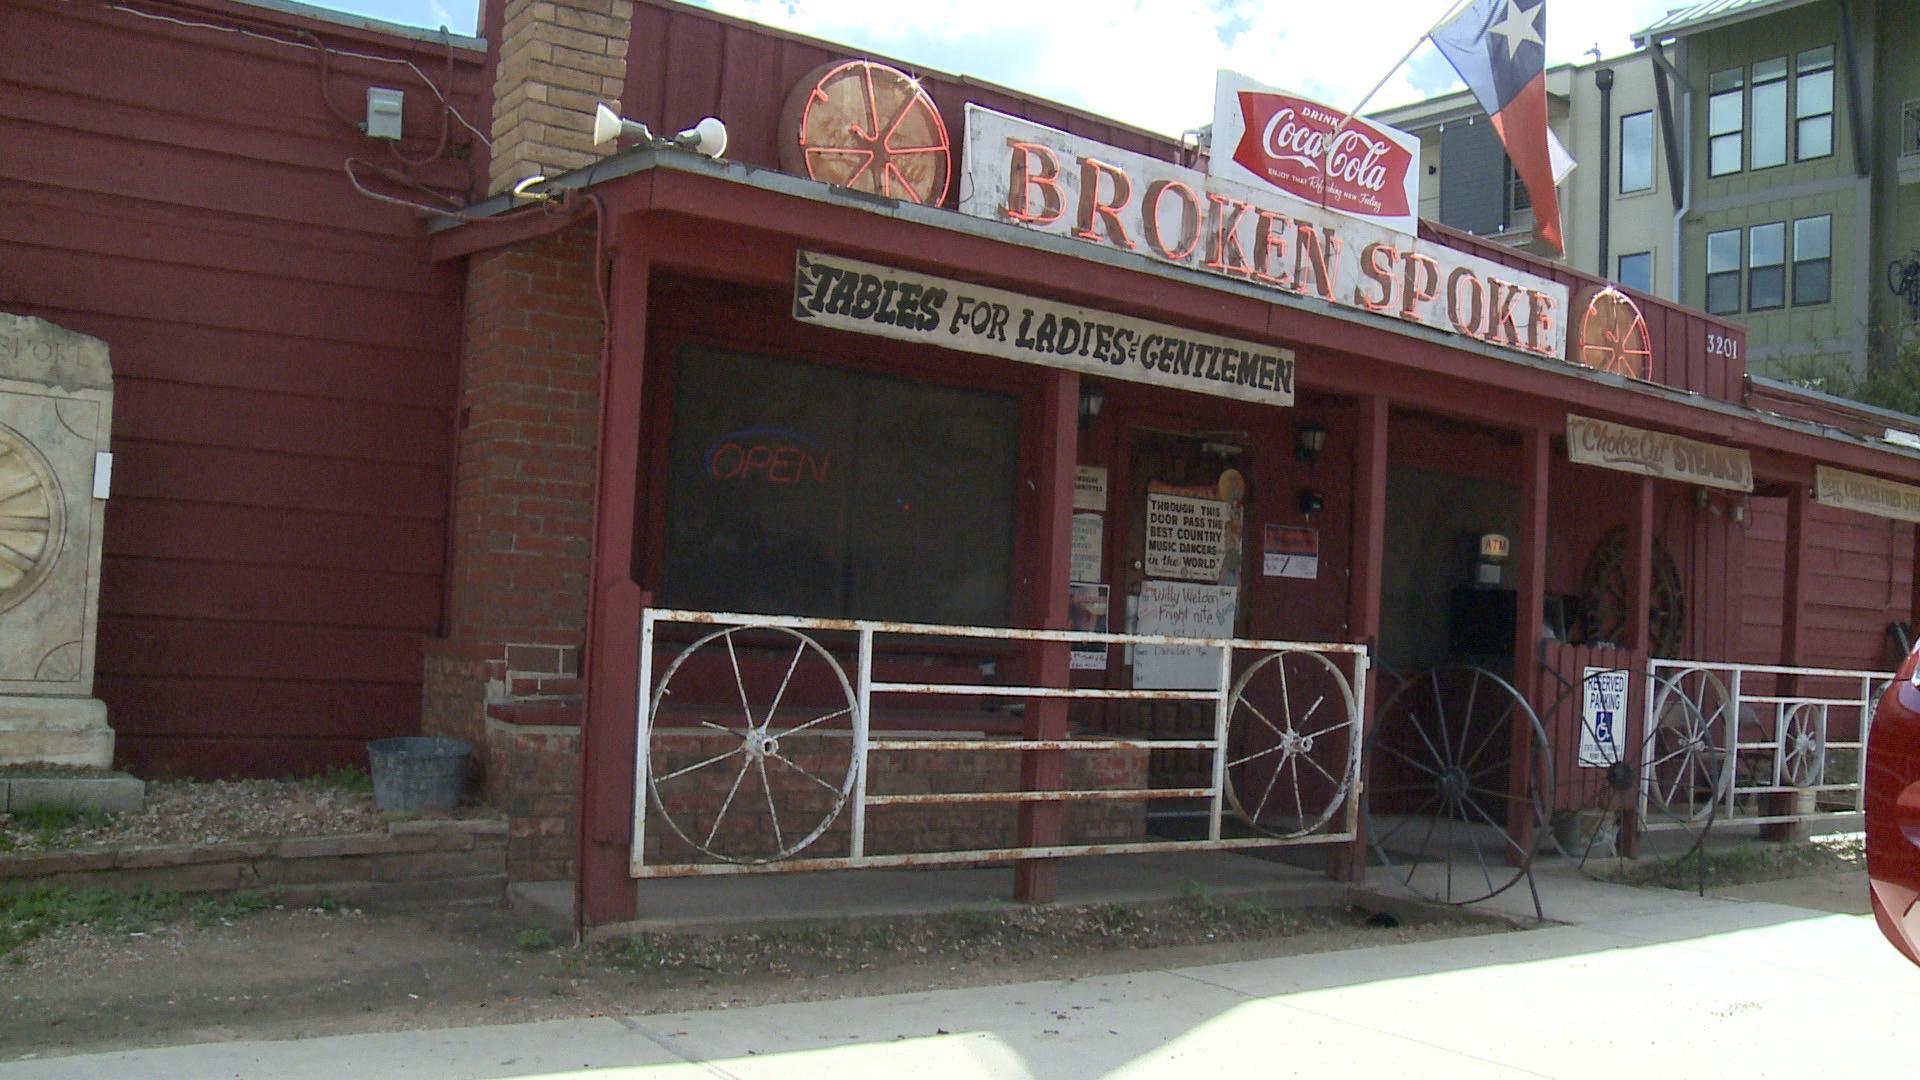 Broken spoke exterior